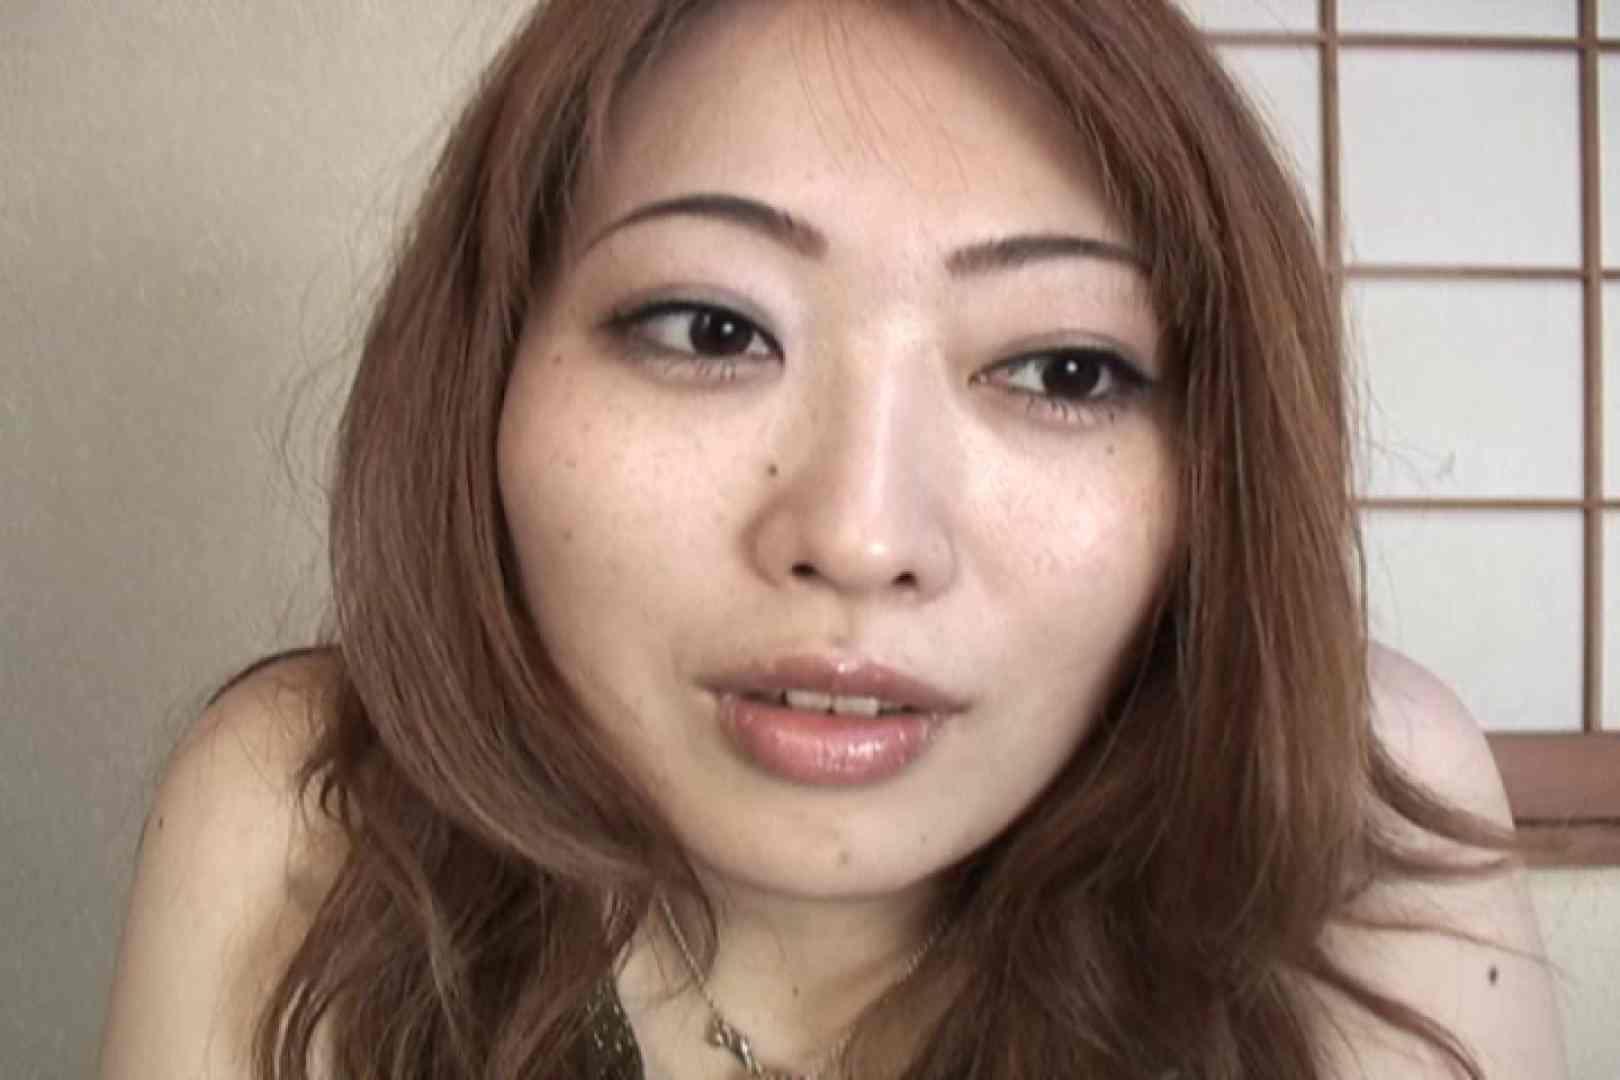 仕事で月200本のチンポを相手する22歳若人妻~桜井あい~ 人妻のエッチ  108pic 24